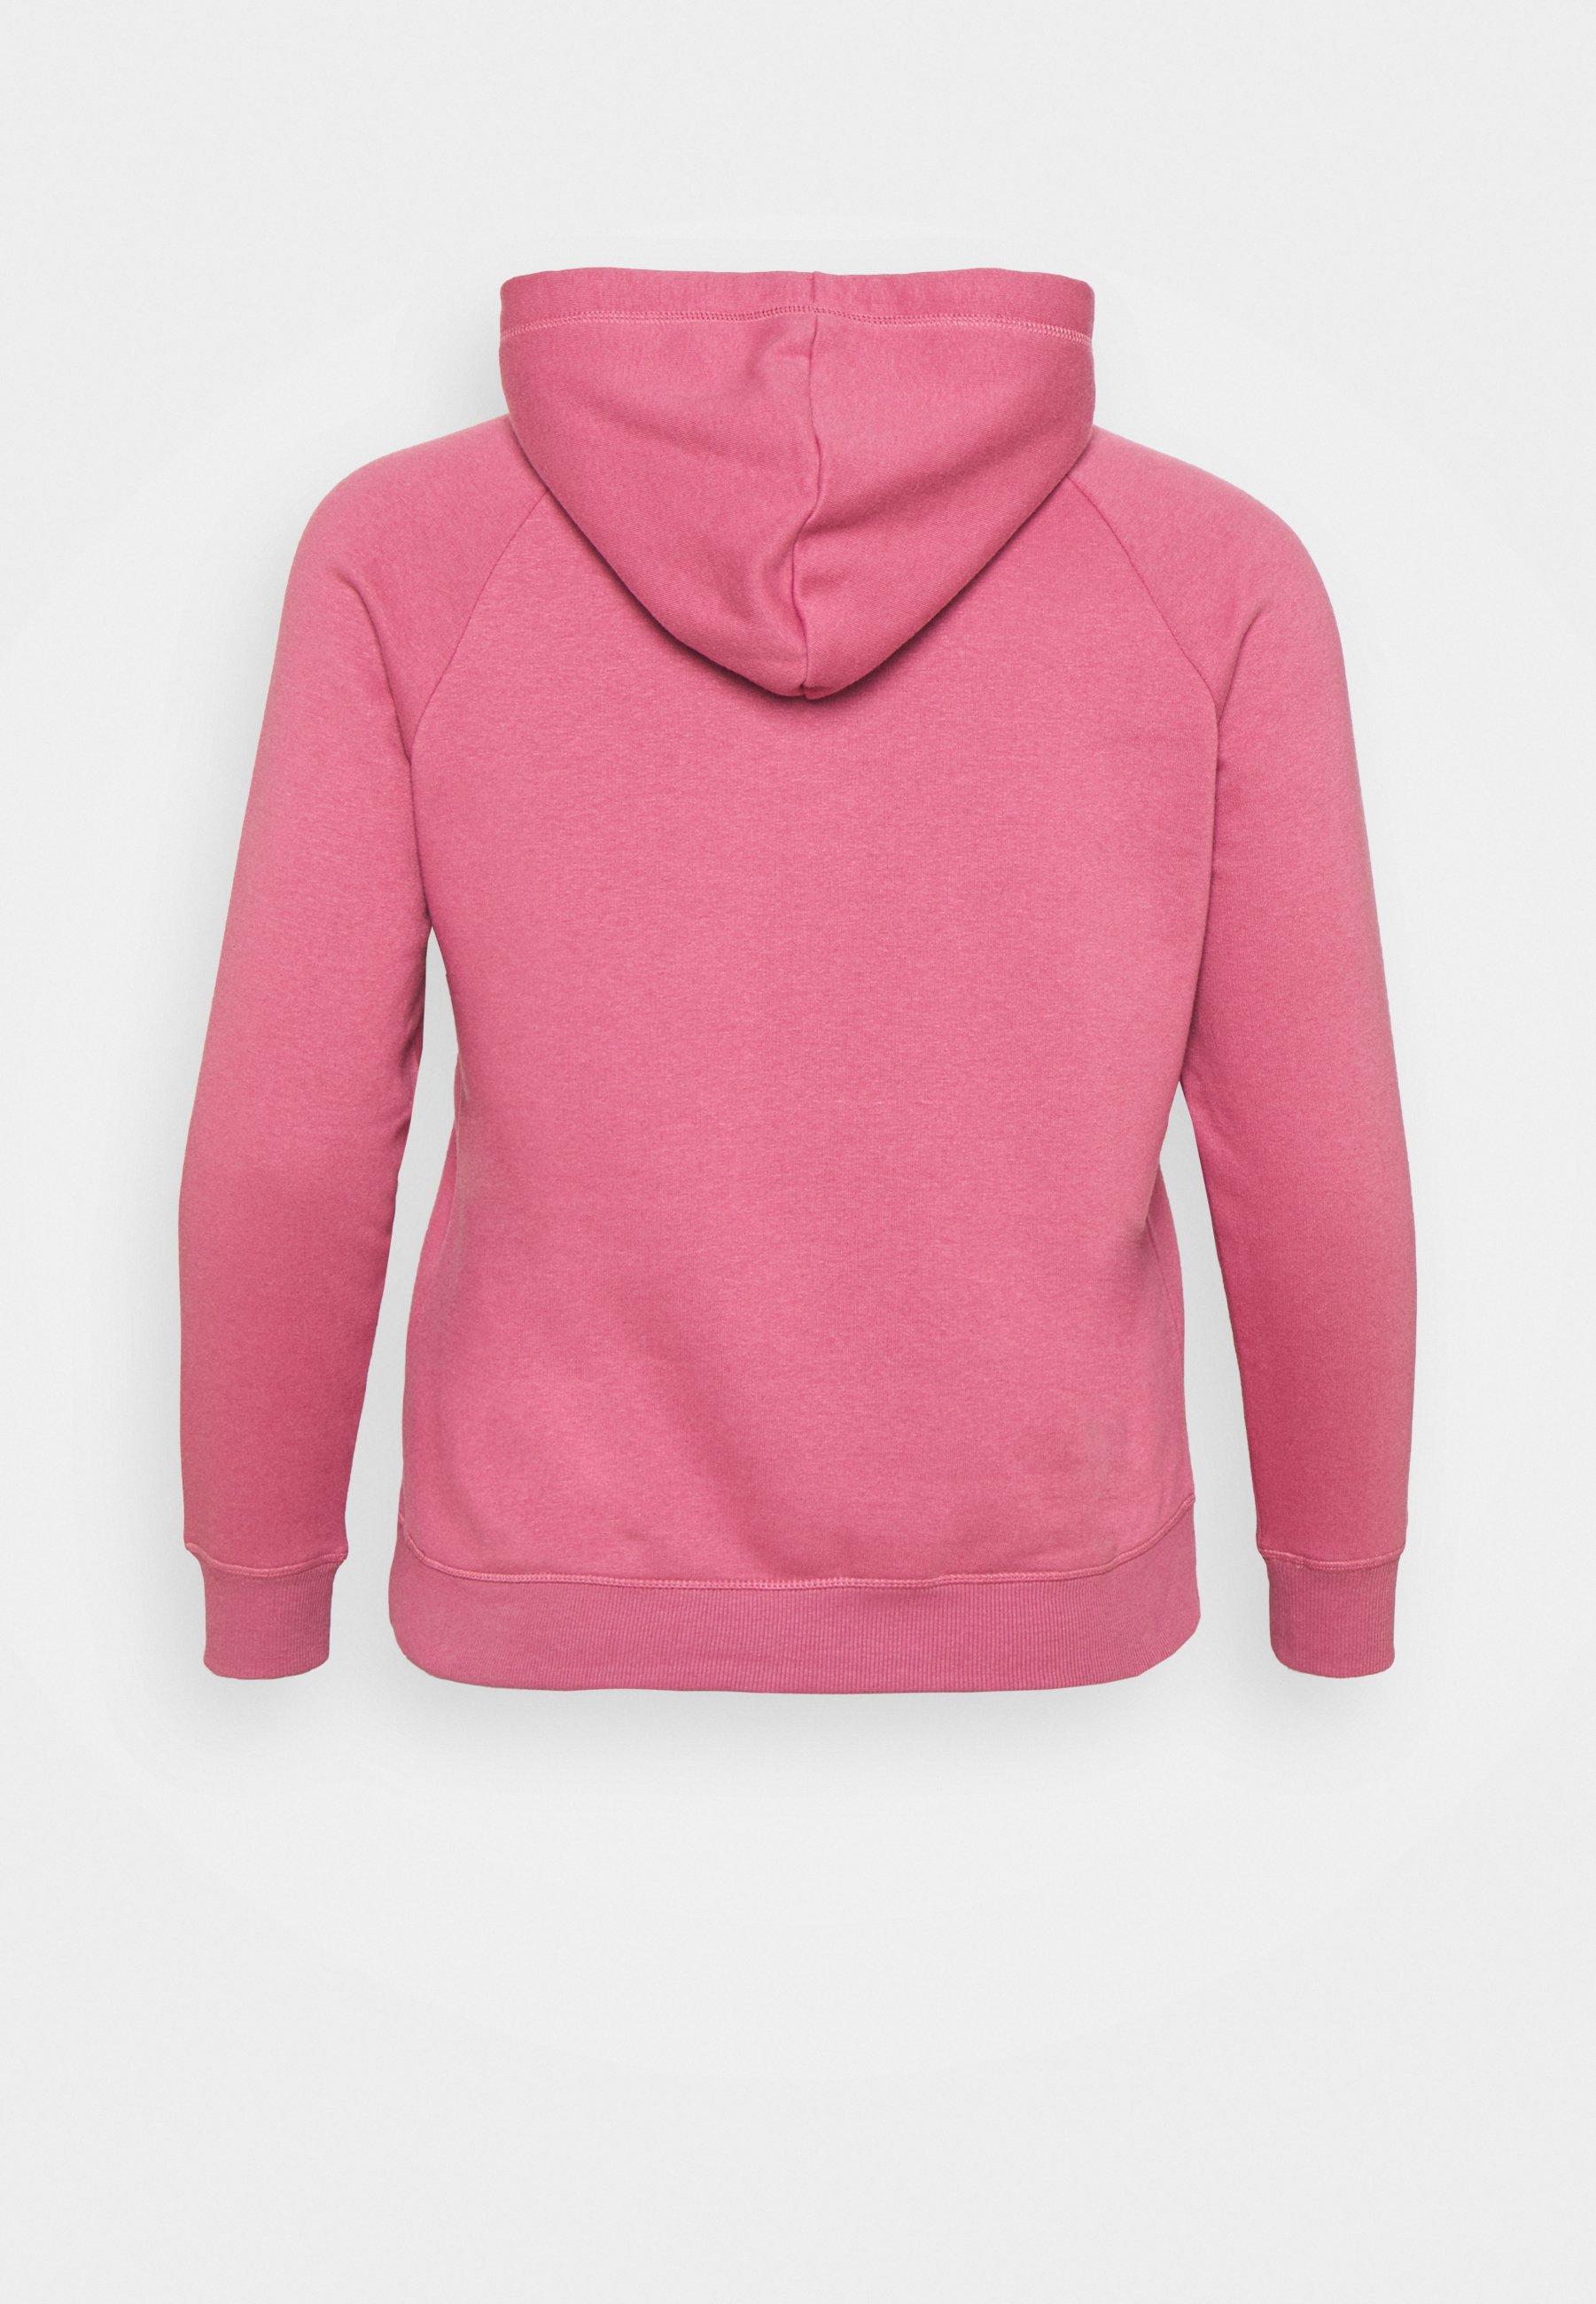 Femme PULL ON HOODIE - Sweatshirt